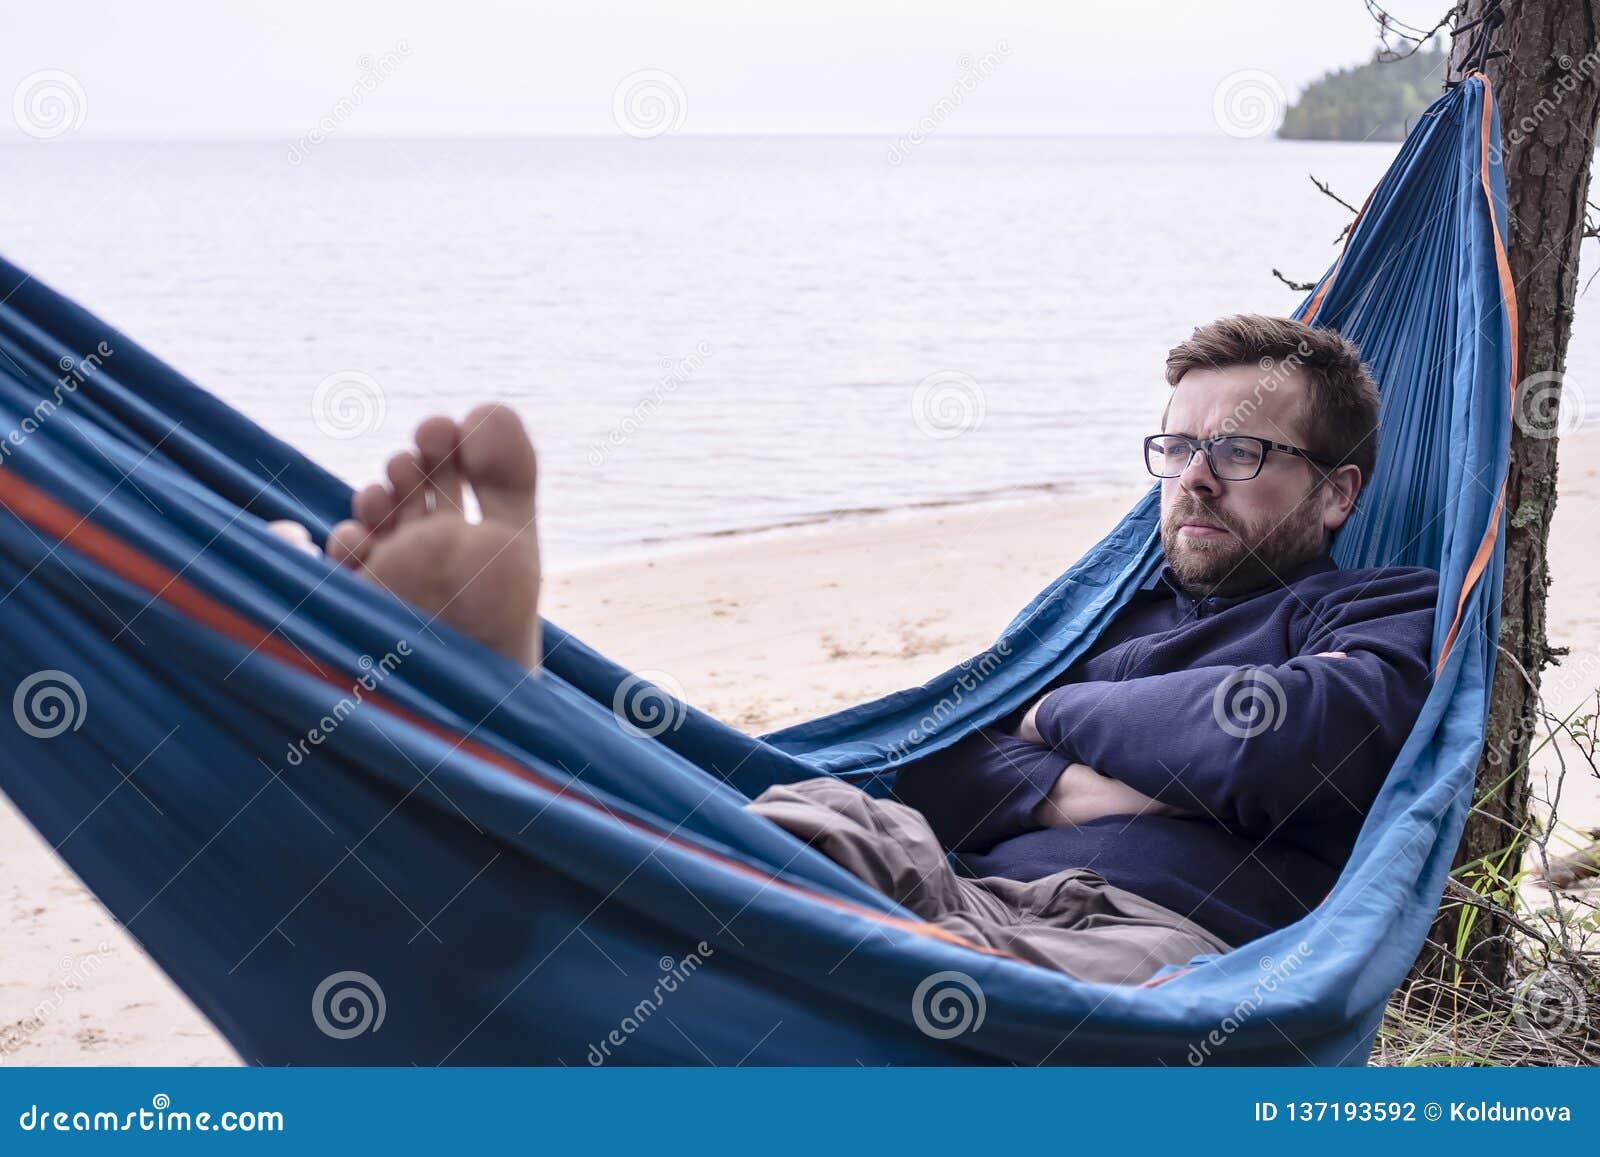 Aktiver Tourist ist ernste Träume und durchdacht, während er in einer Hängematte stillsteht